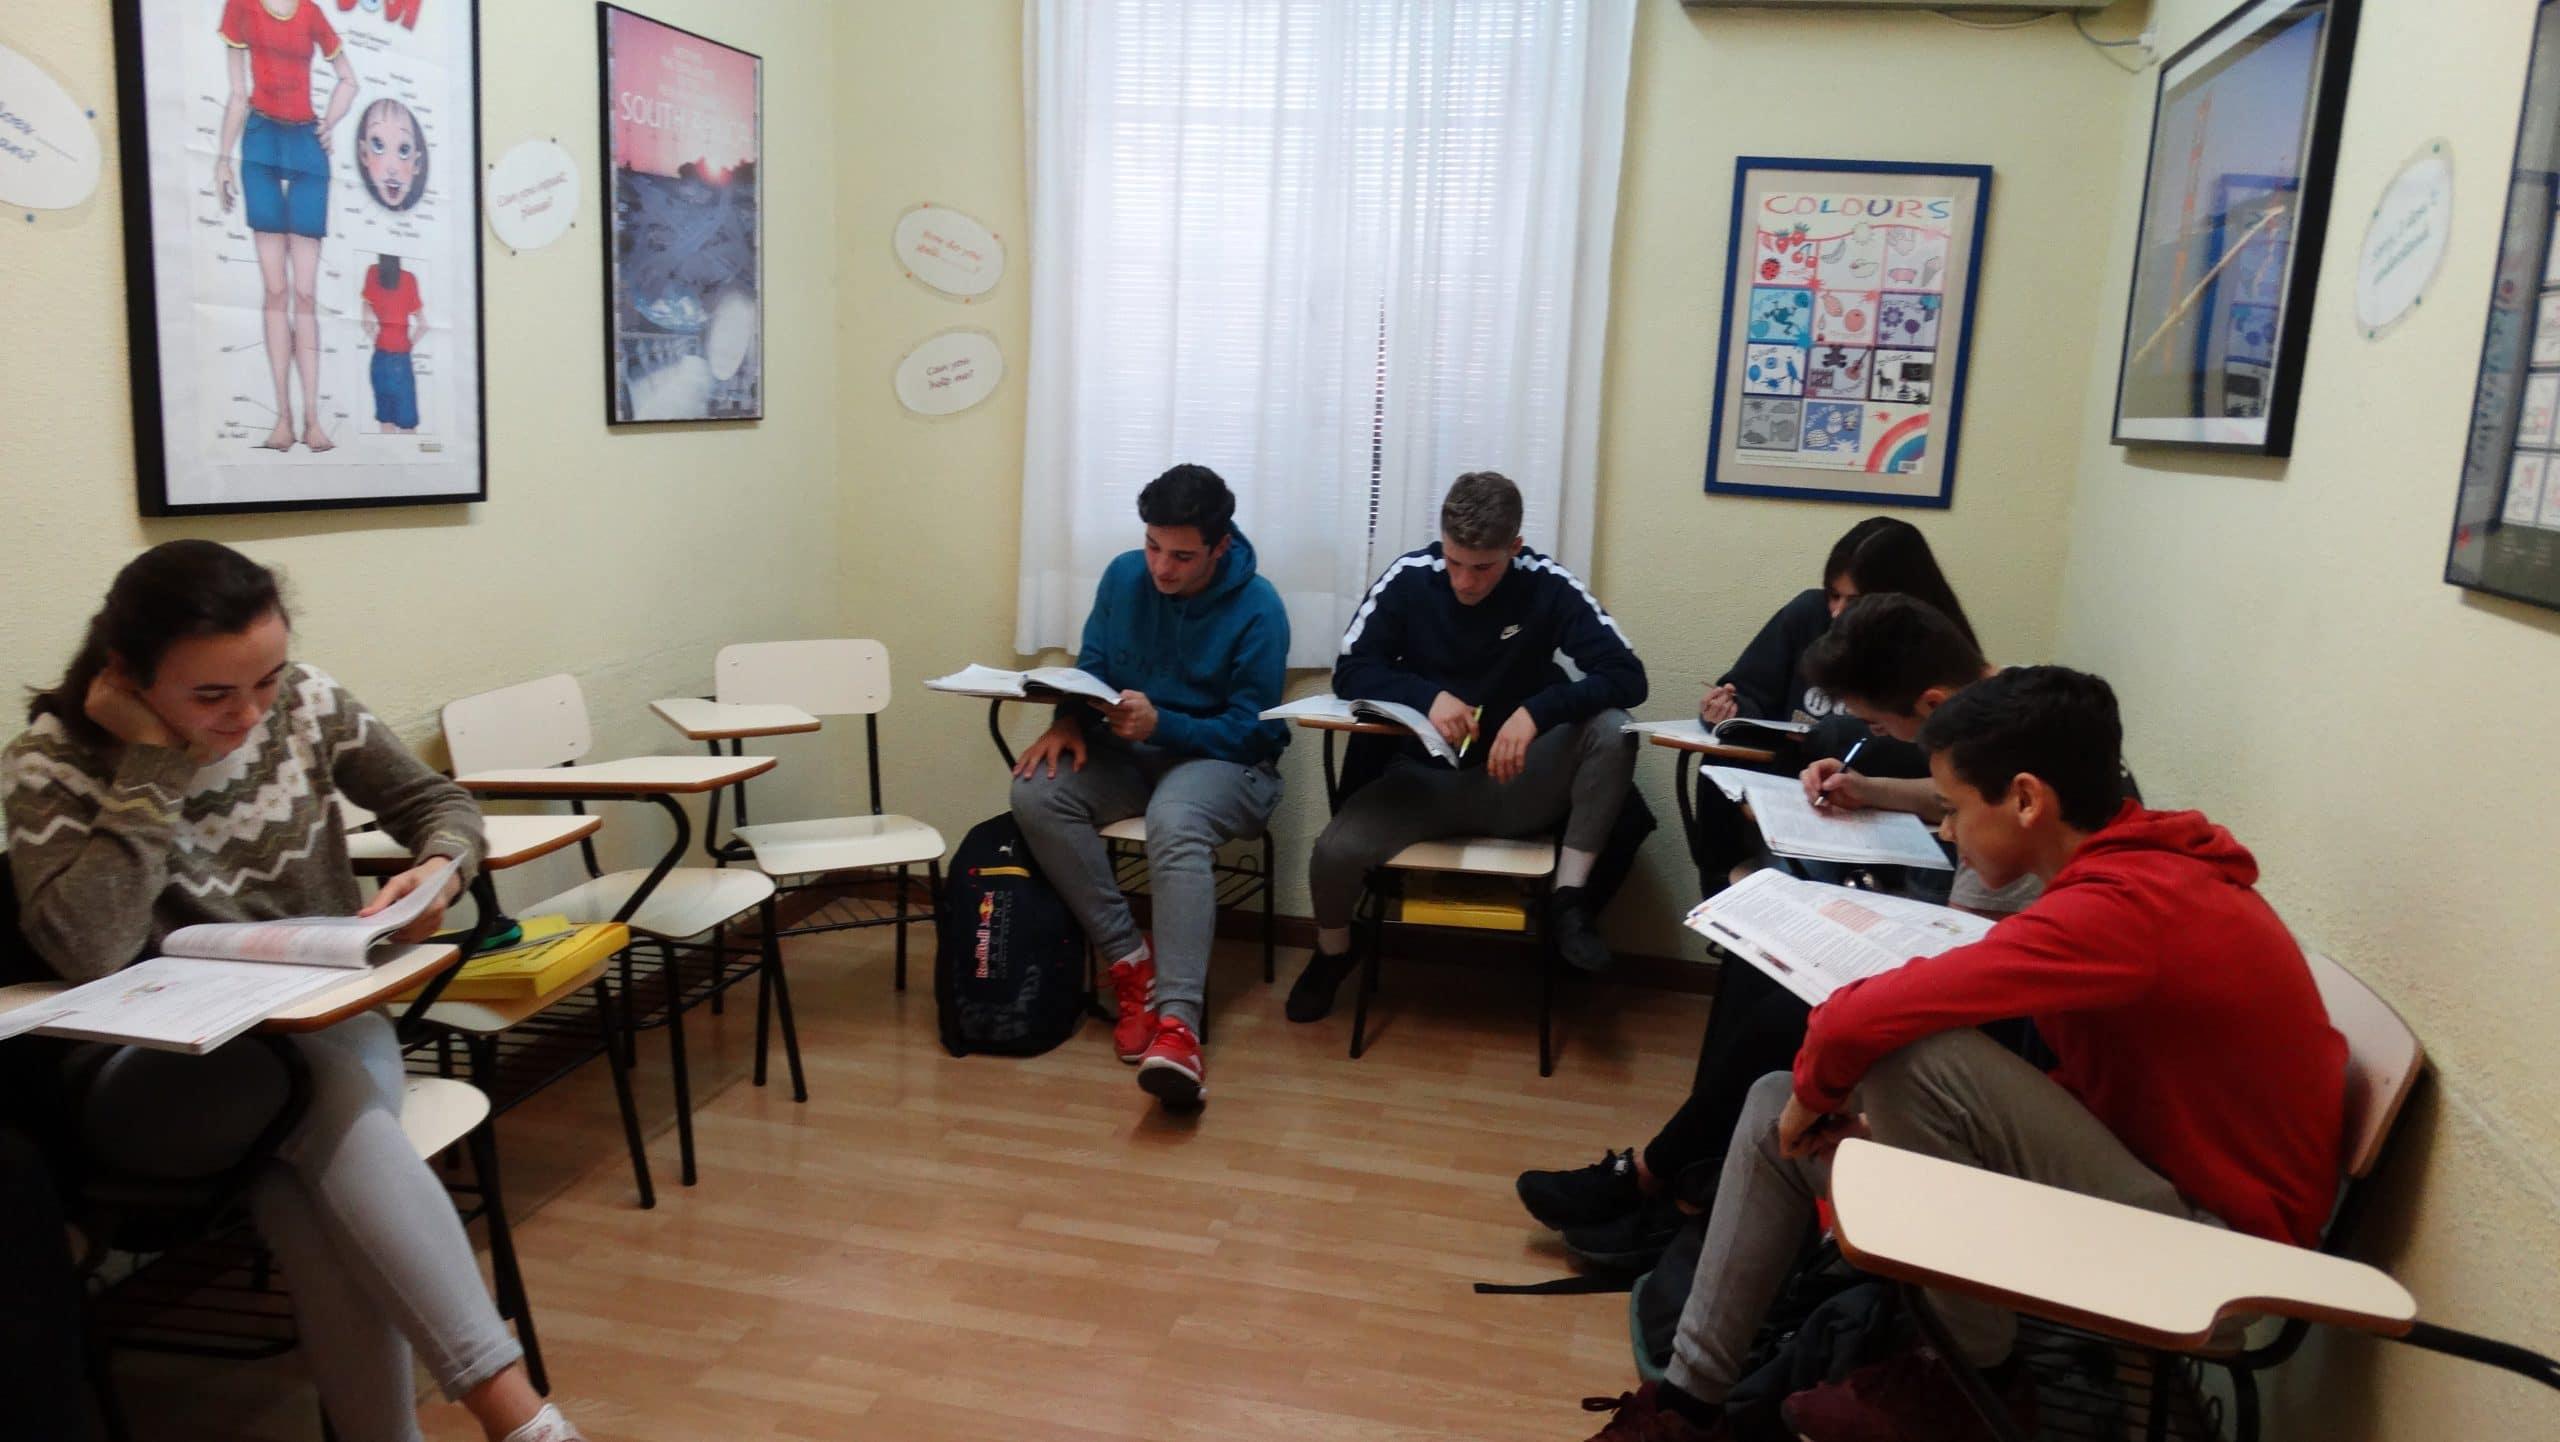 clases-de-inglés